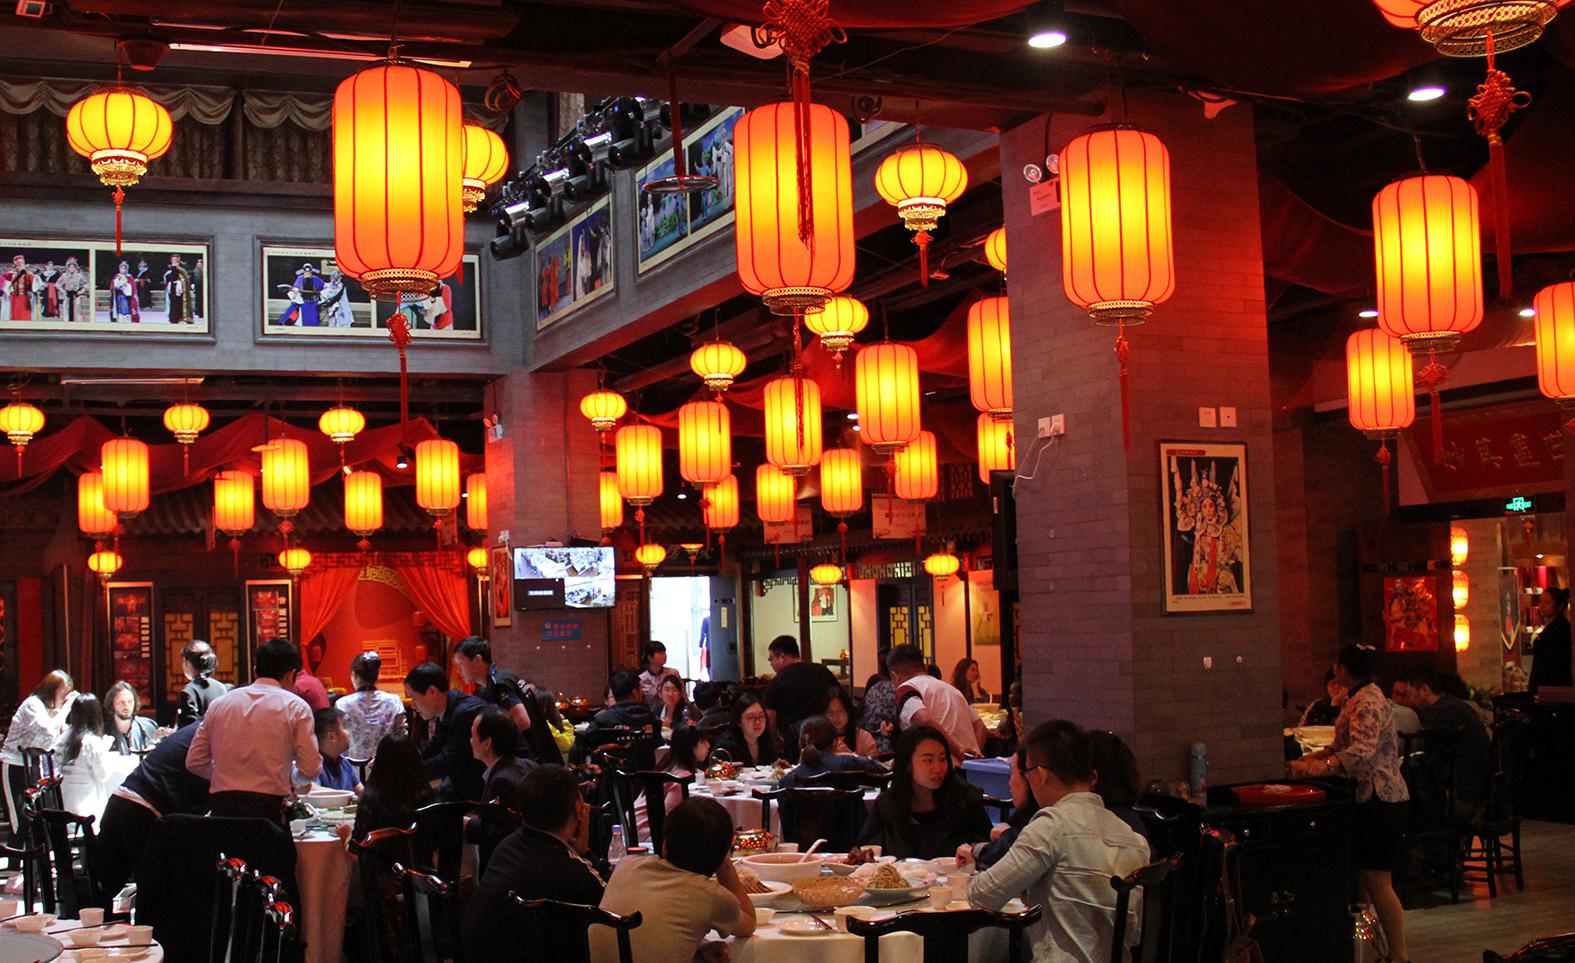 Opera in stil Beijing la Baoji_dantomozeiRO 9